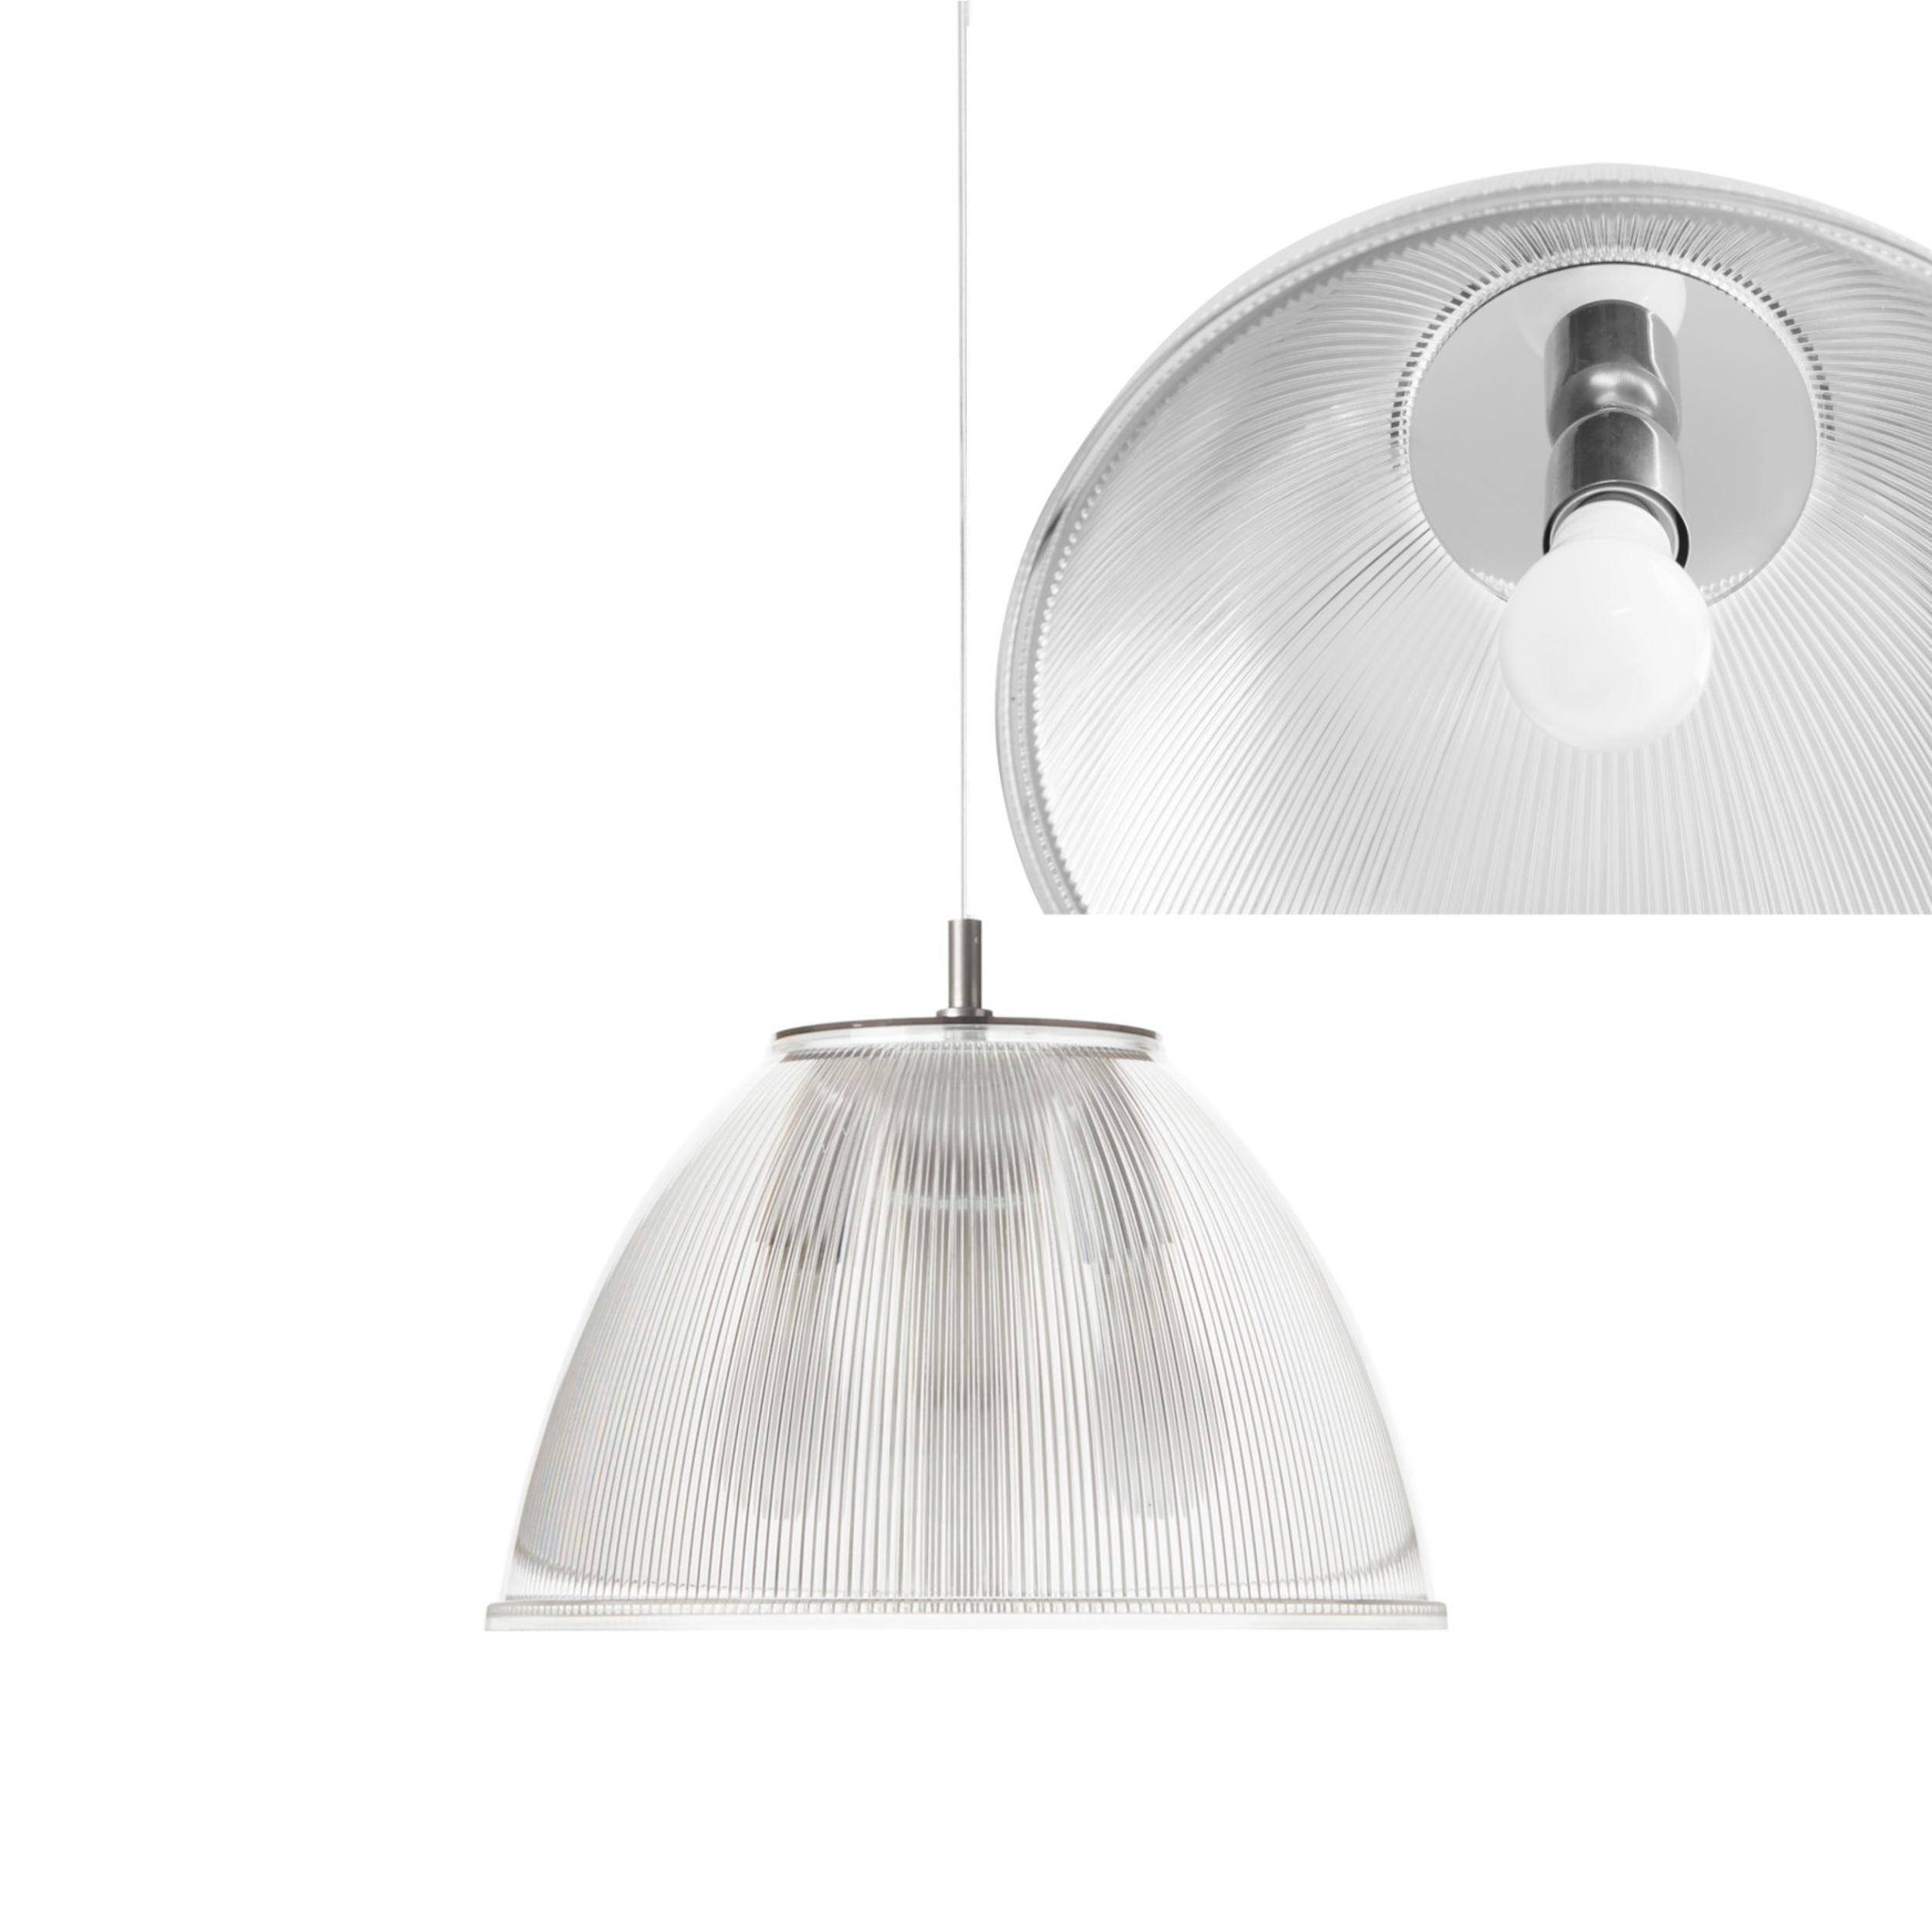 Lampada a sospensione ISABEL Ø30xh31 cm 1 x70W max E 27 HGS con calotta prismatica e particolari In PMMA